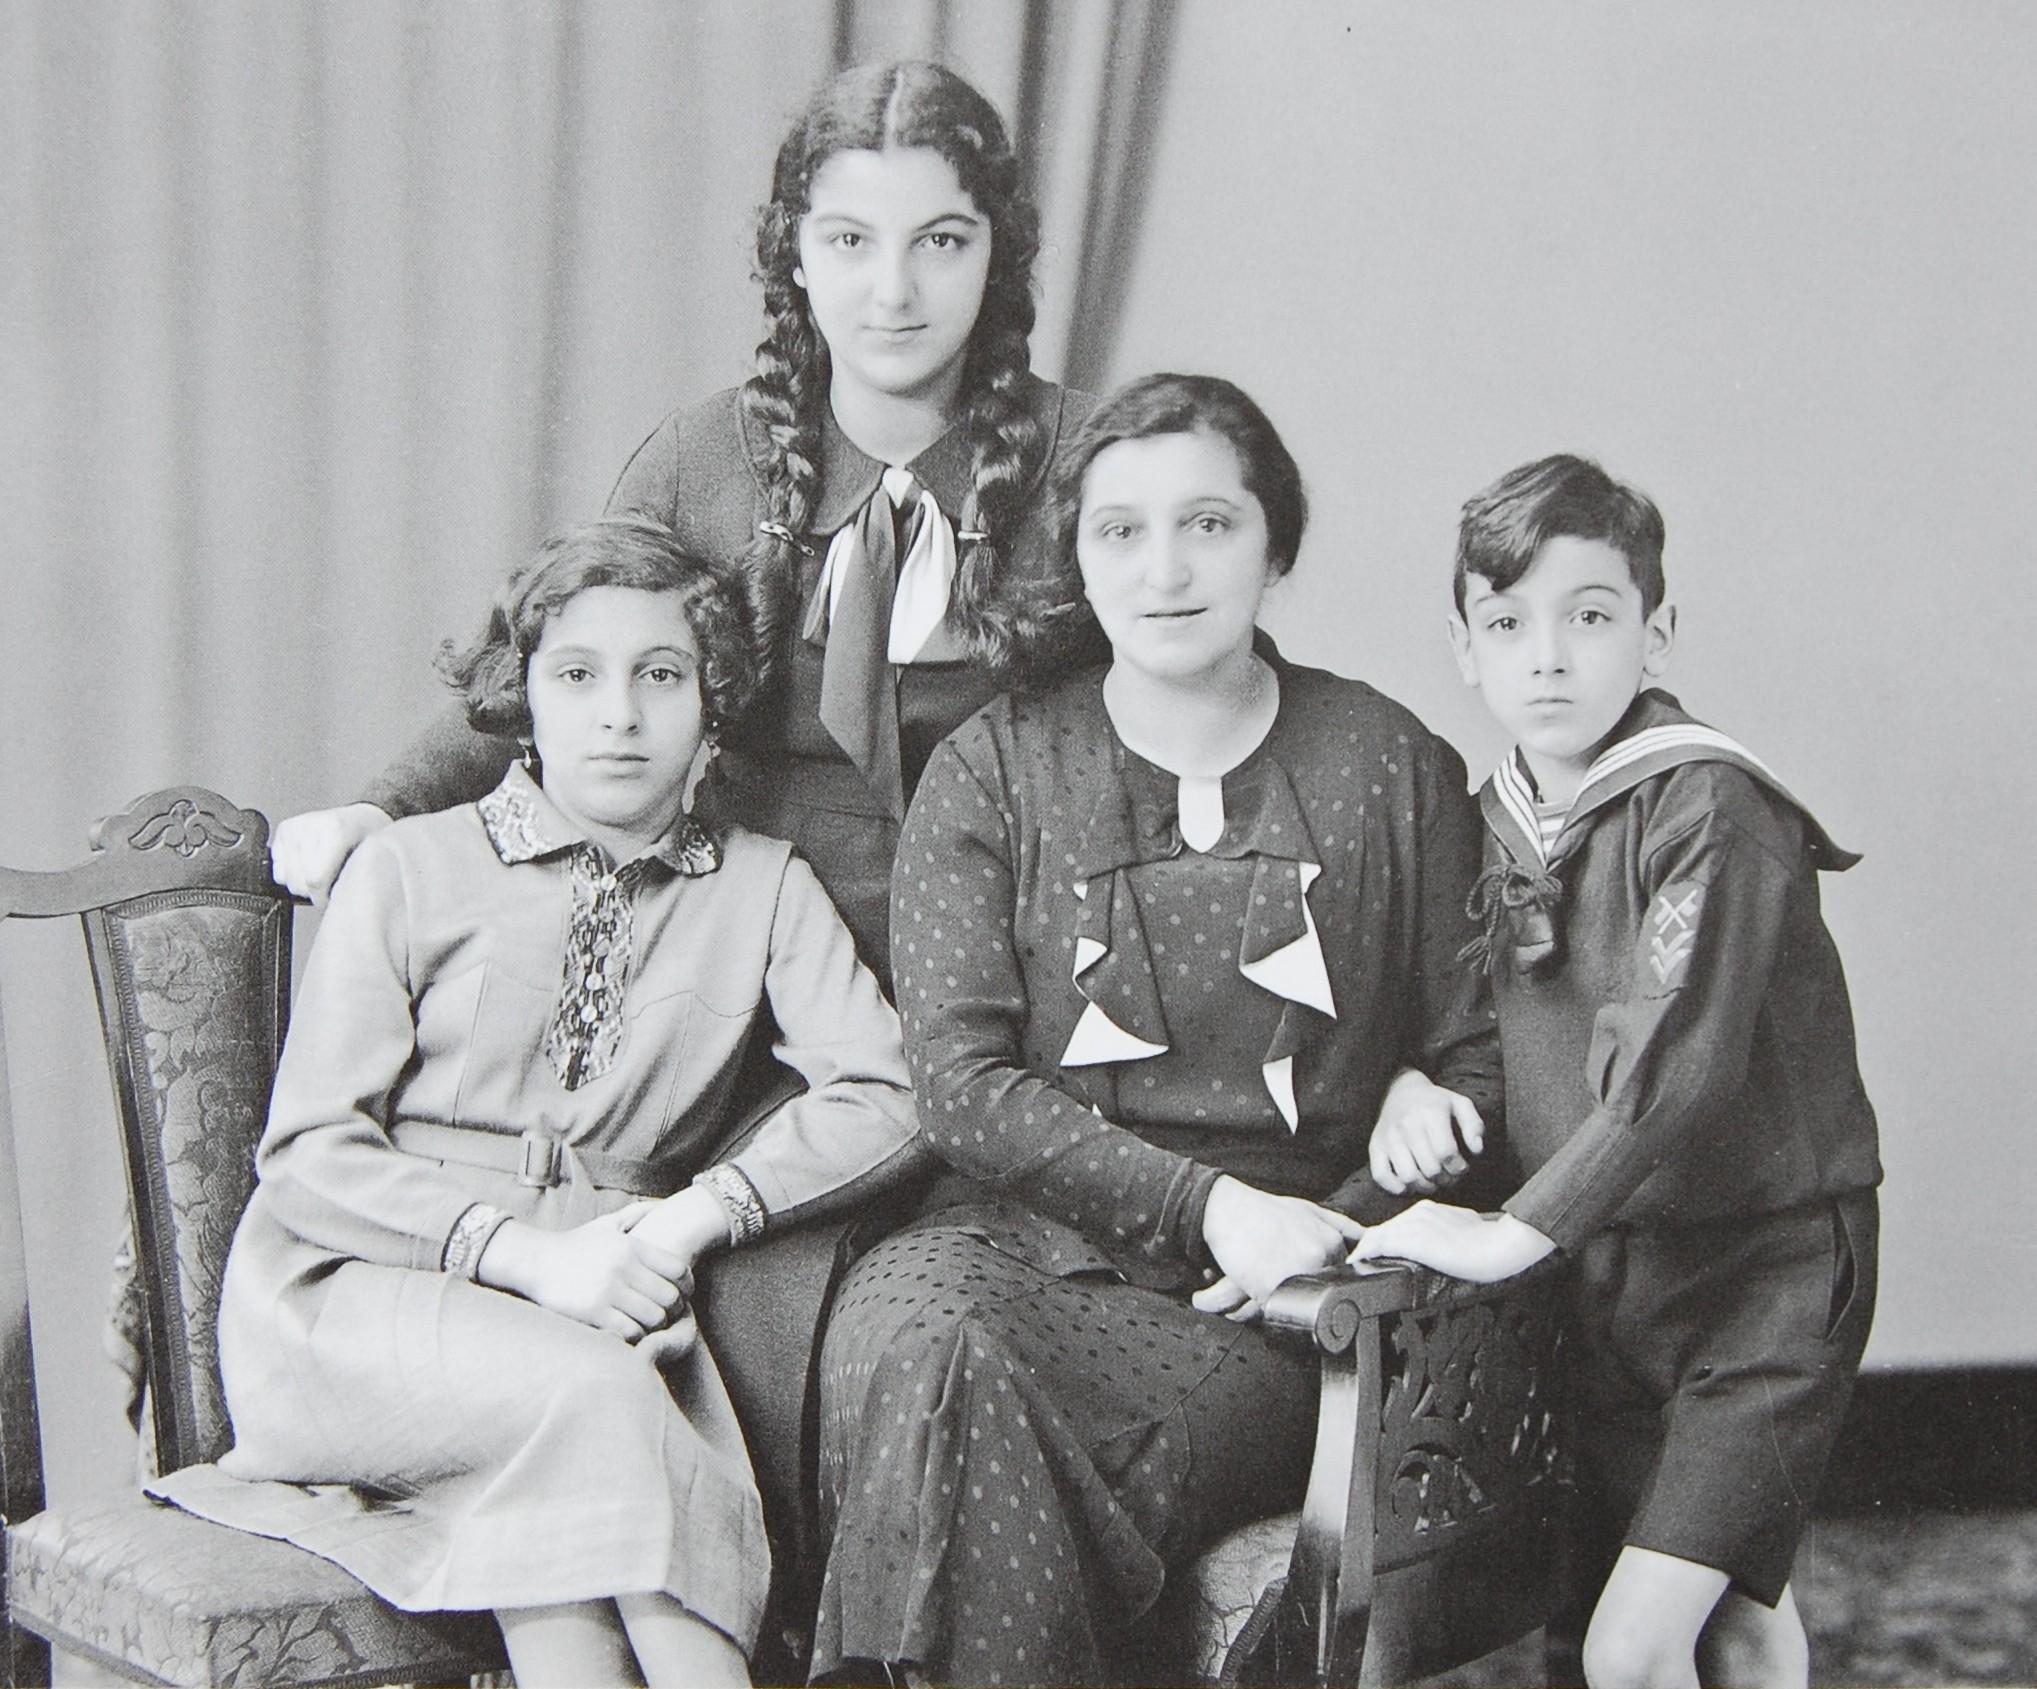 Irma, Ida, Herta und Alfred Salomons (v.l.n.r), Mitte der 1930er Jahre (Foto: Weberskirch/Kordes)